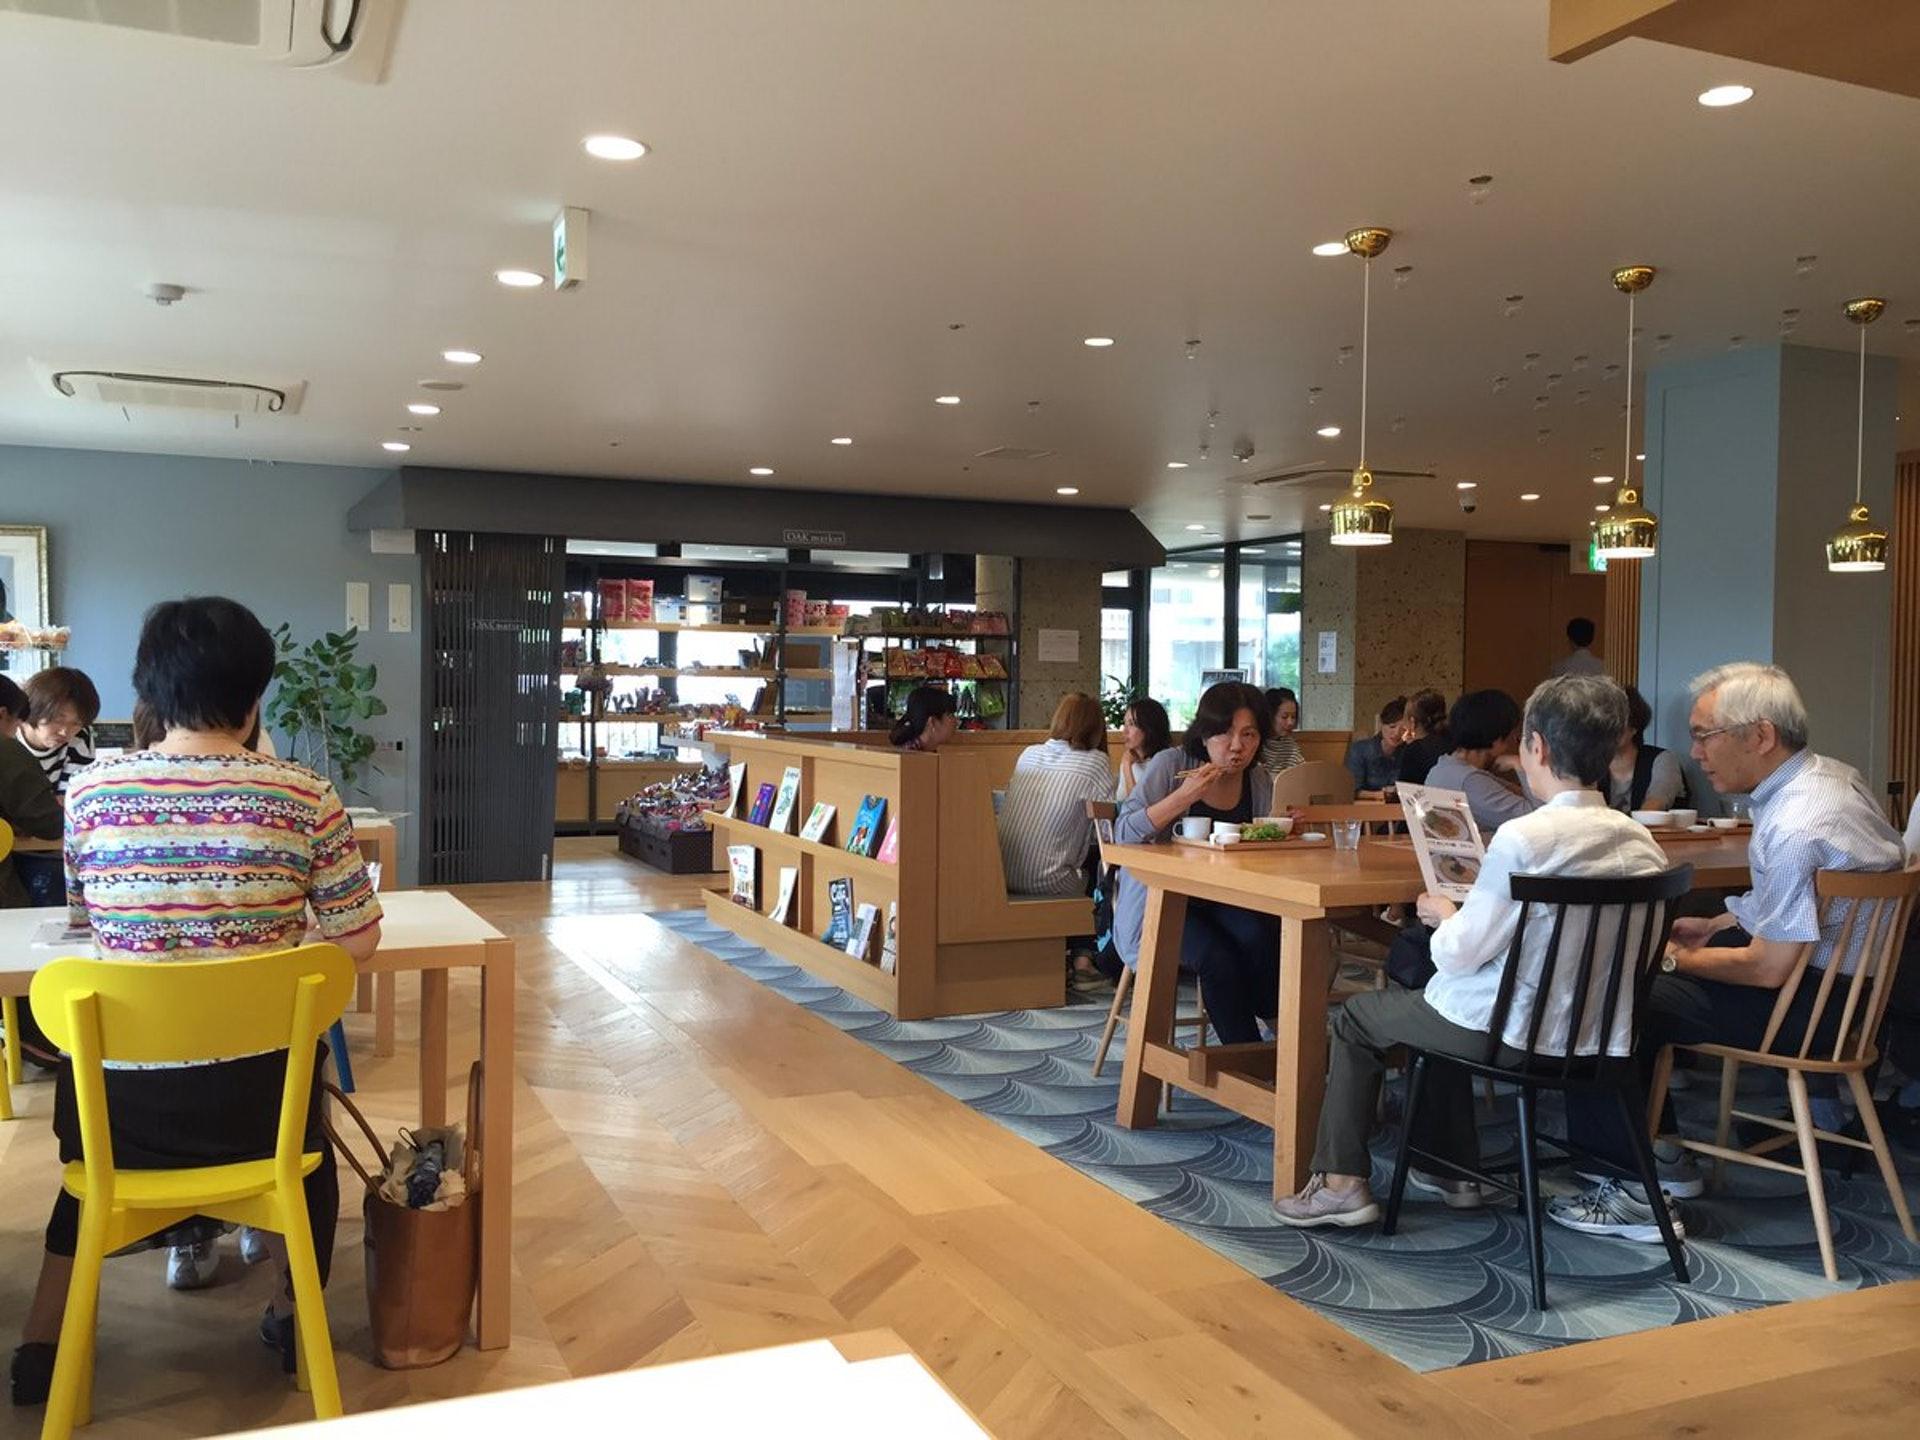 OAK CAFÉ成為了院舍住客、家屬、職員、街坊的「交流空間」。(圖片來源:fukushi_uragi Twitter)